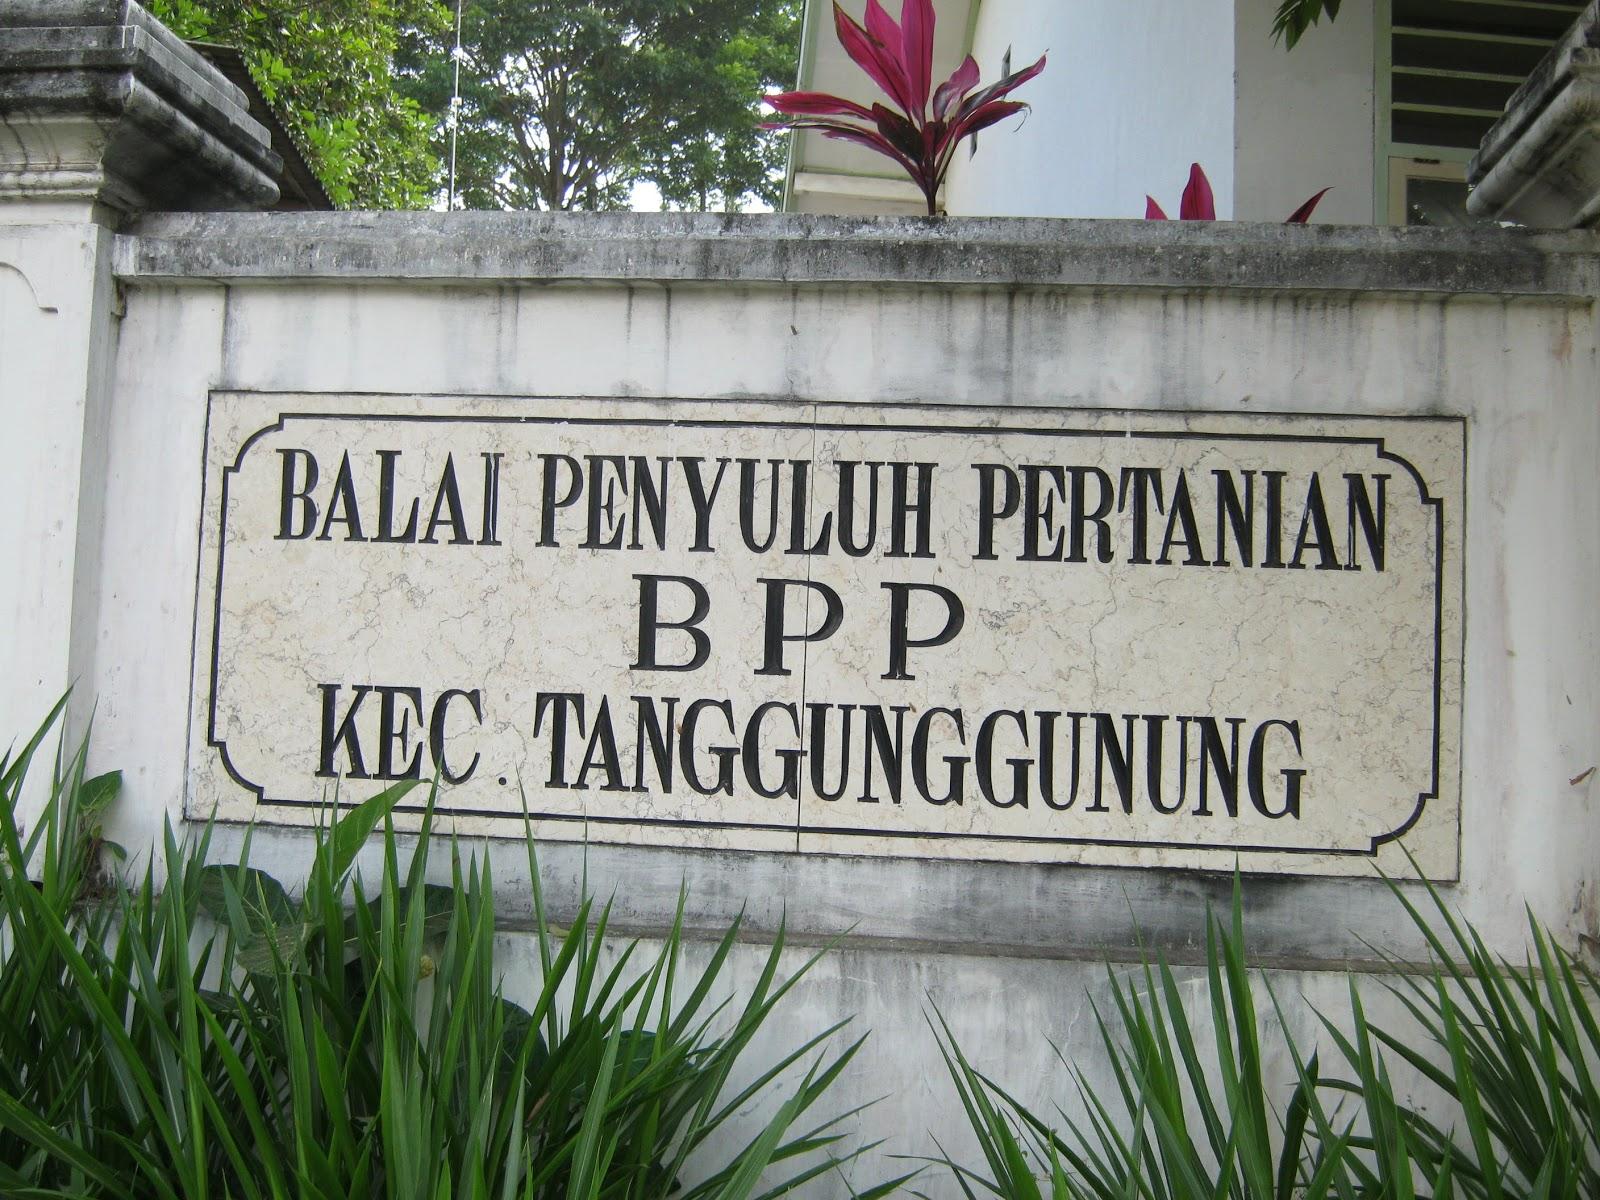 BPP Tanggunggunung tulungagung,